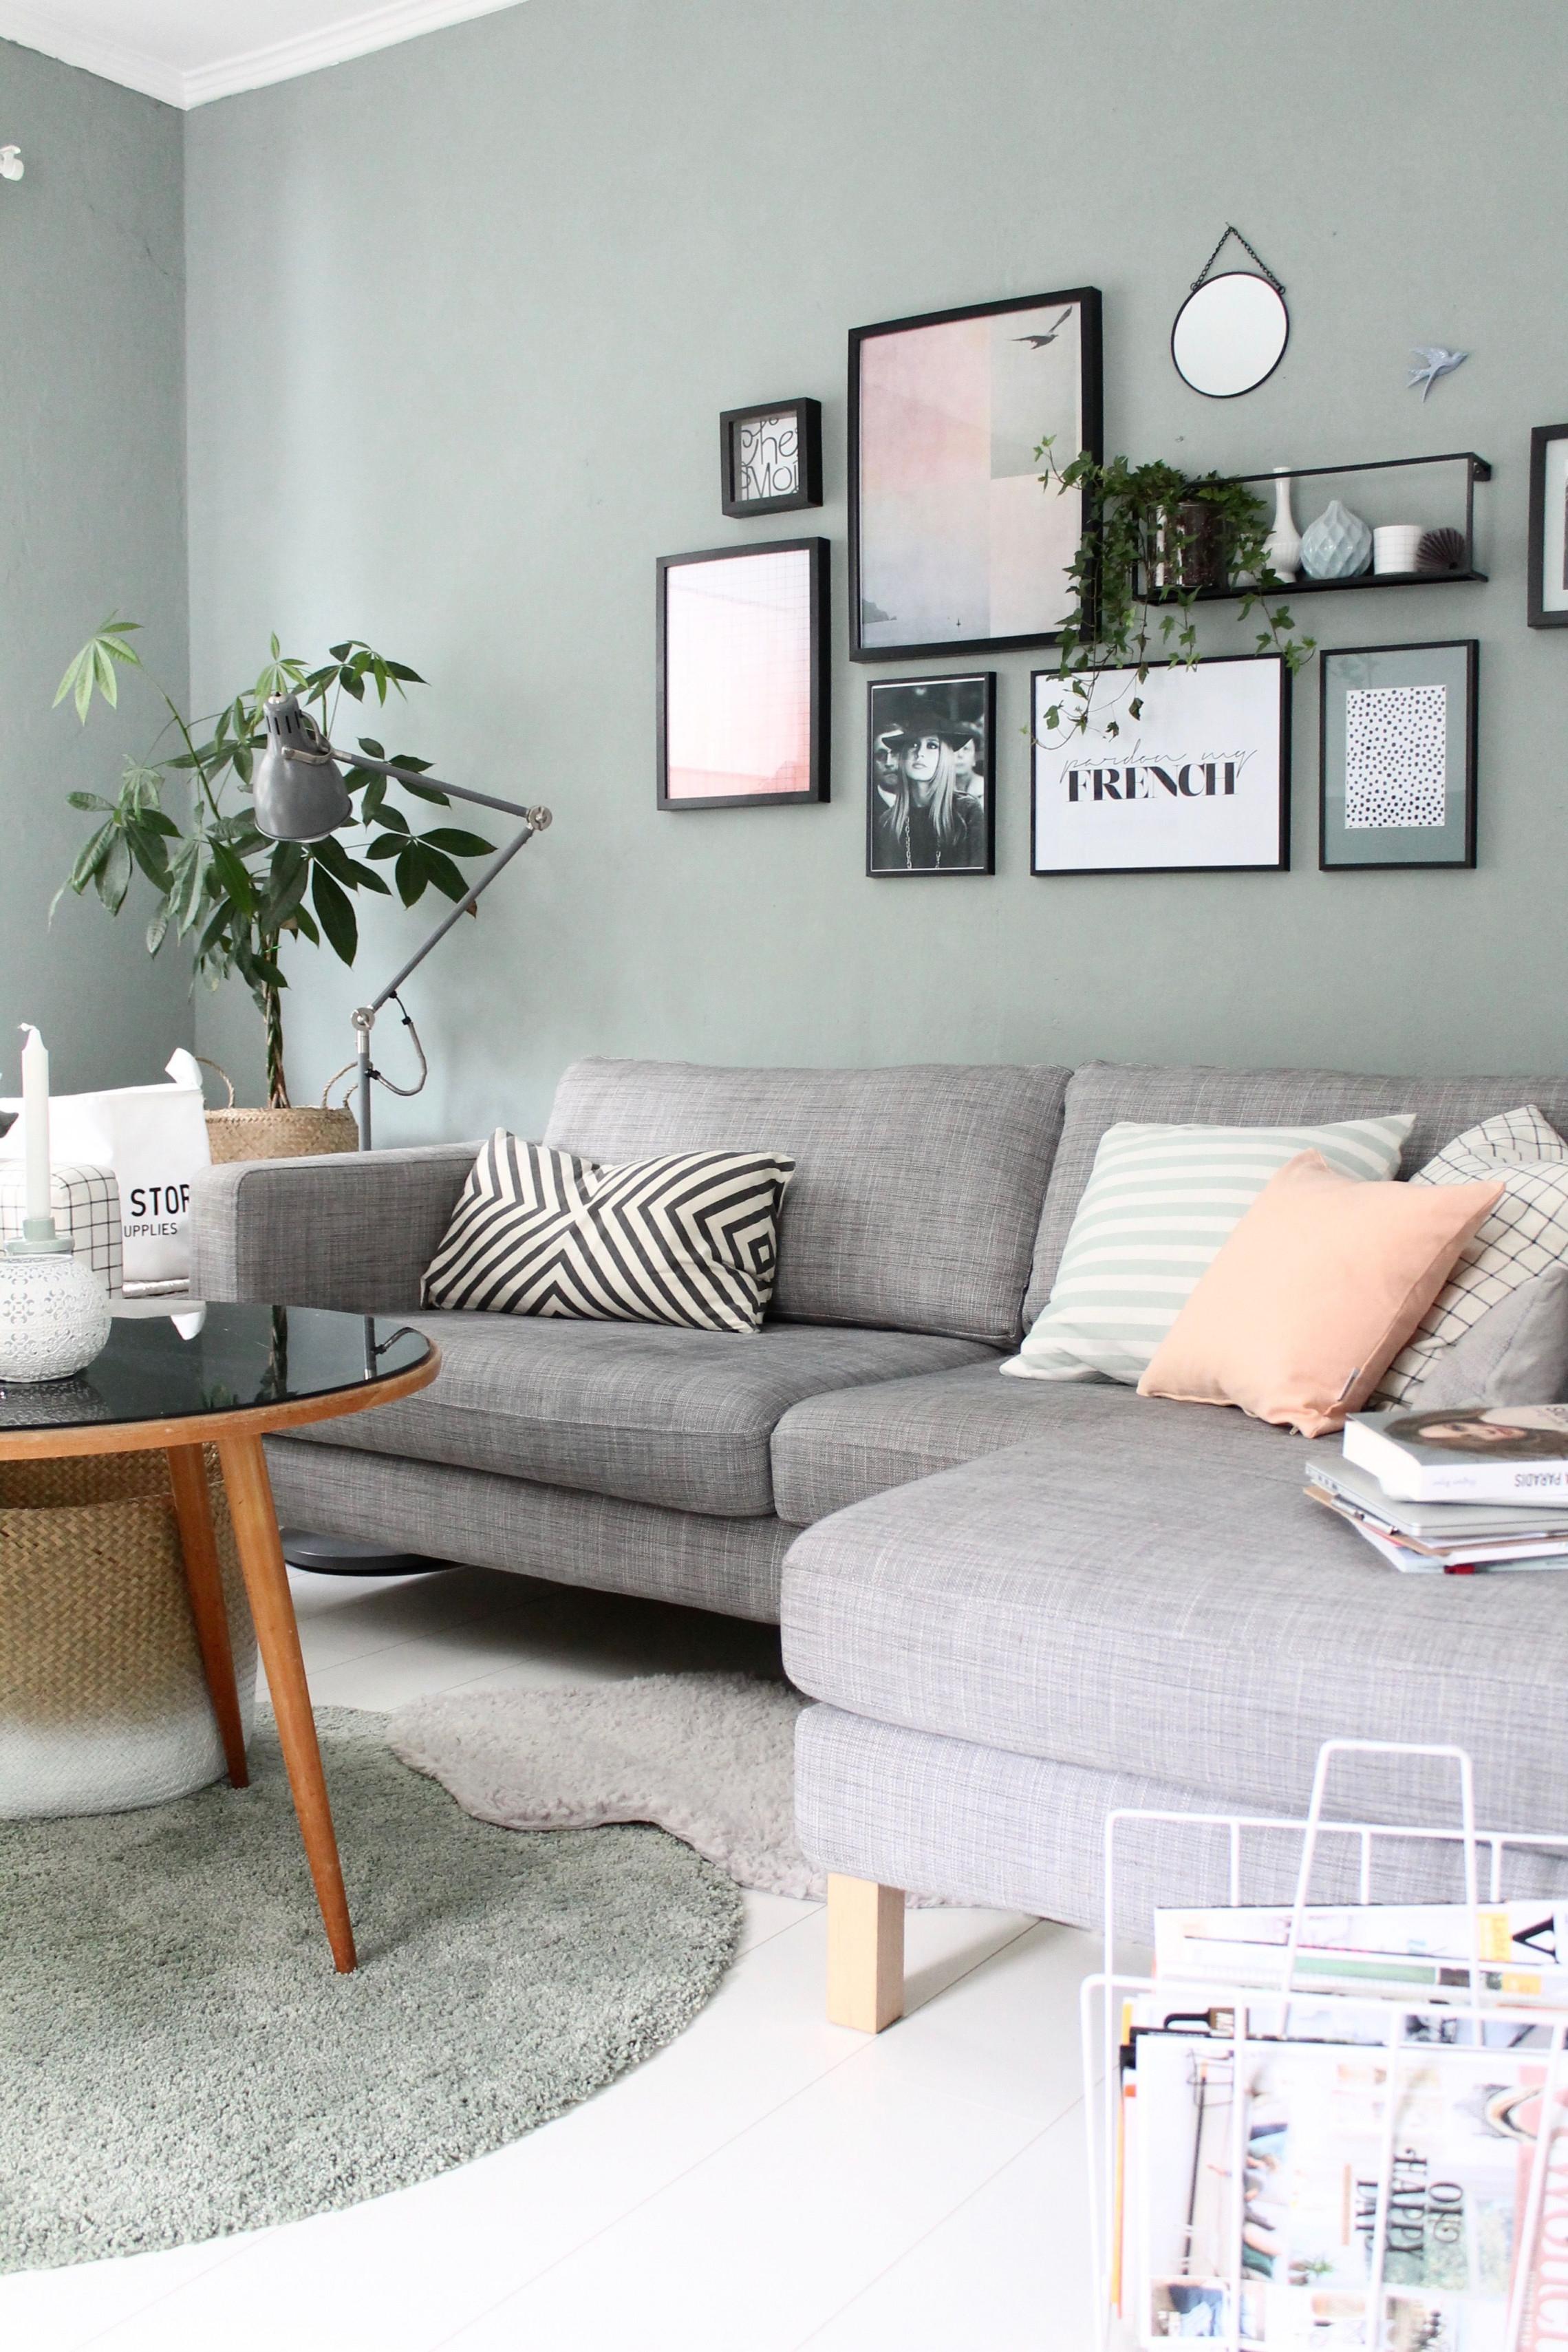 Eine Sanfte Wandfarbe Im Wohnzimmer Wwwkolorat Kolorat von Ideen Wandfarbe Wohnzimmer Photo